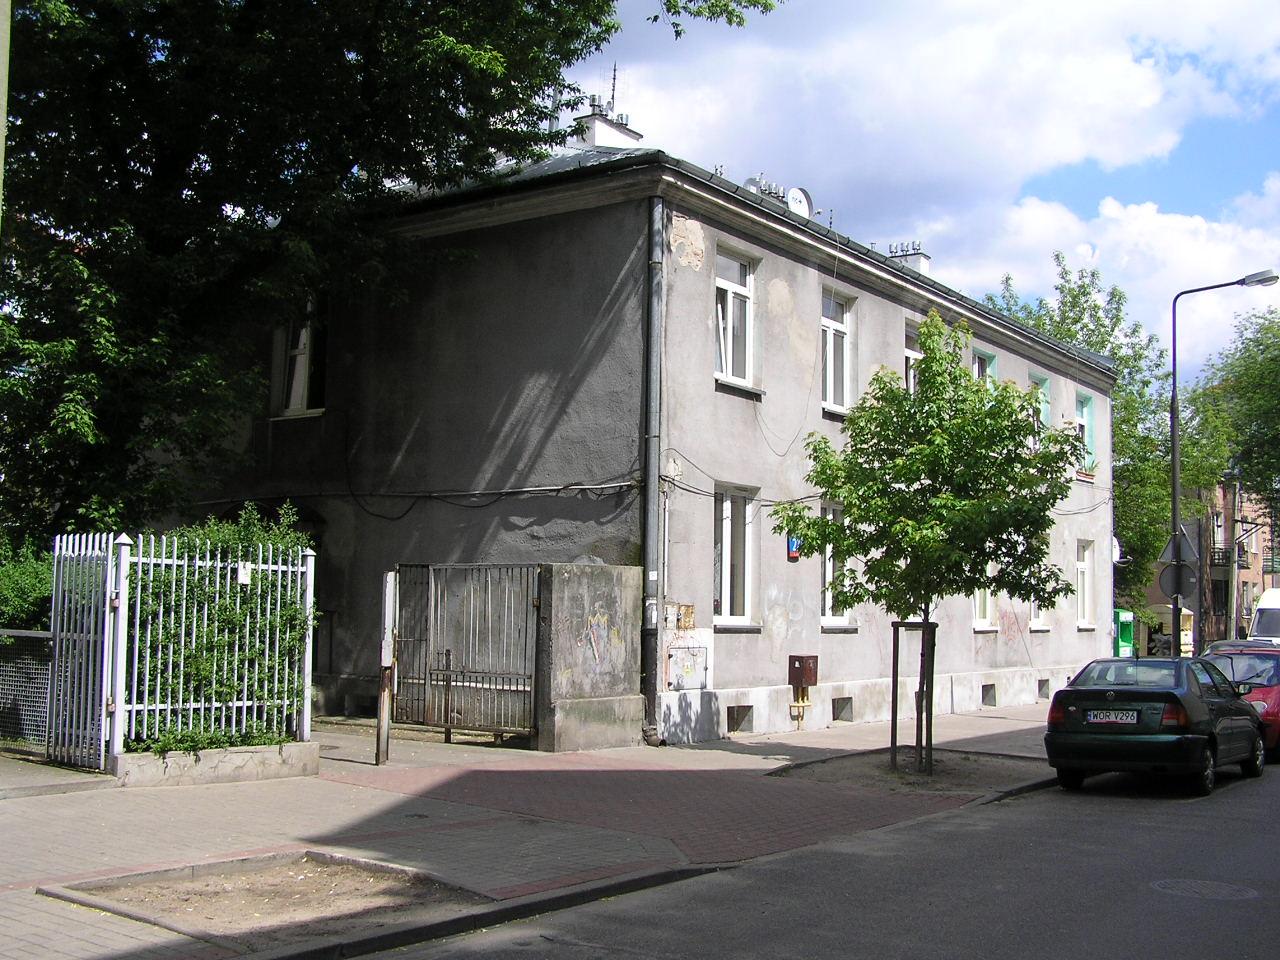 Kamienica przy ulicy Prochowej 22 na Grochowie